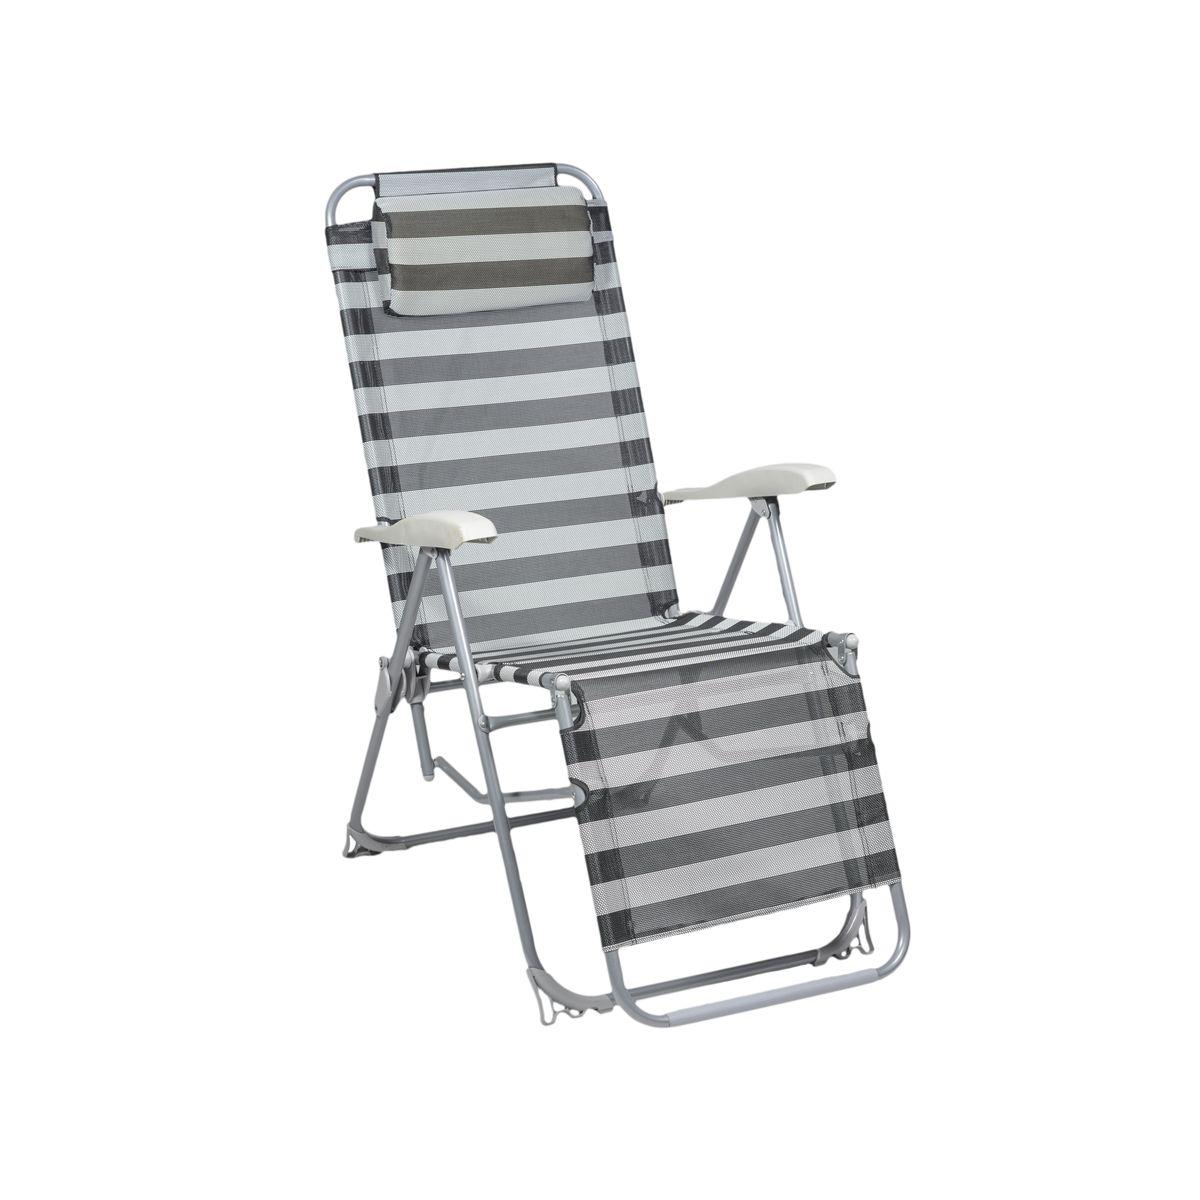 Кресло складное Green Glade, 84 х 64 х 110 см3220Складное кресло Green Glade предназначено для создания комфортных условий в туристических походах, рыбалке и кемпинге.Особенности:Компактная складная конструкция.Прочный стальной каркас 22 мм.Ткань Textilene обеспечивает отличную вентиляцию.Пластиковые подлокотники.